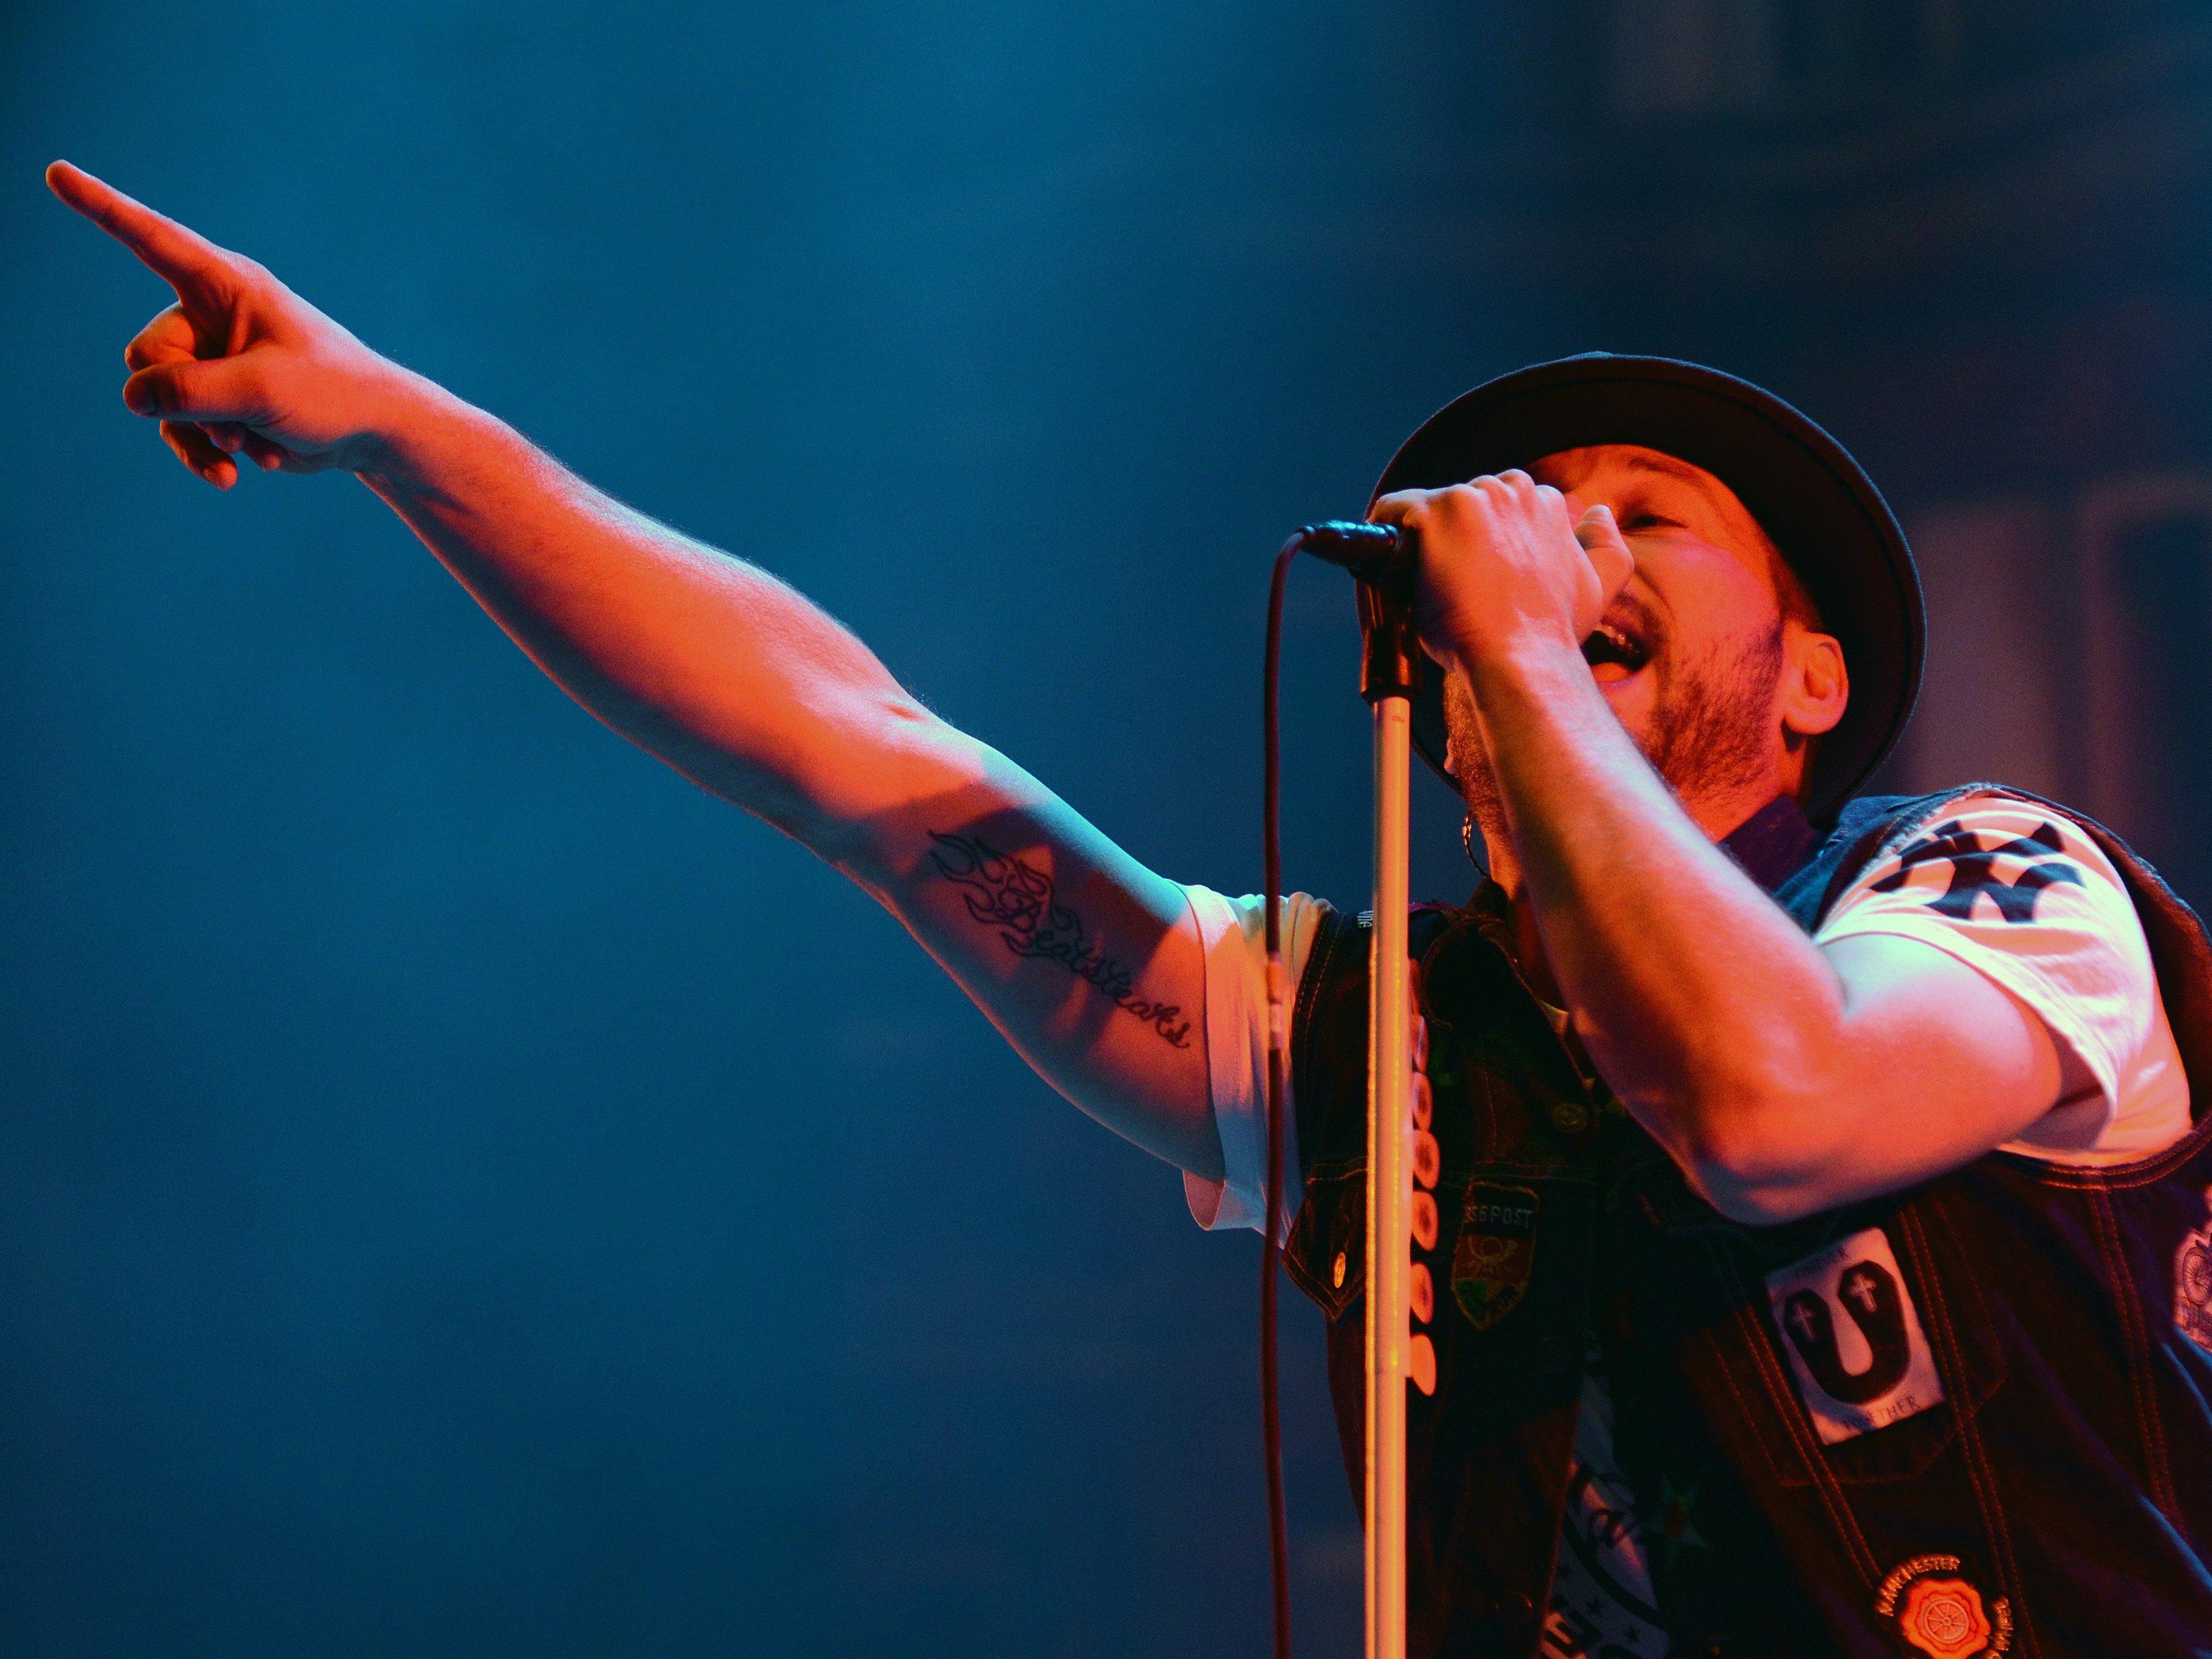 Die Beatsteaks begeisterten ihre Fans bei den beiden Wien-Konzerten.